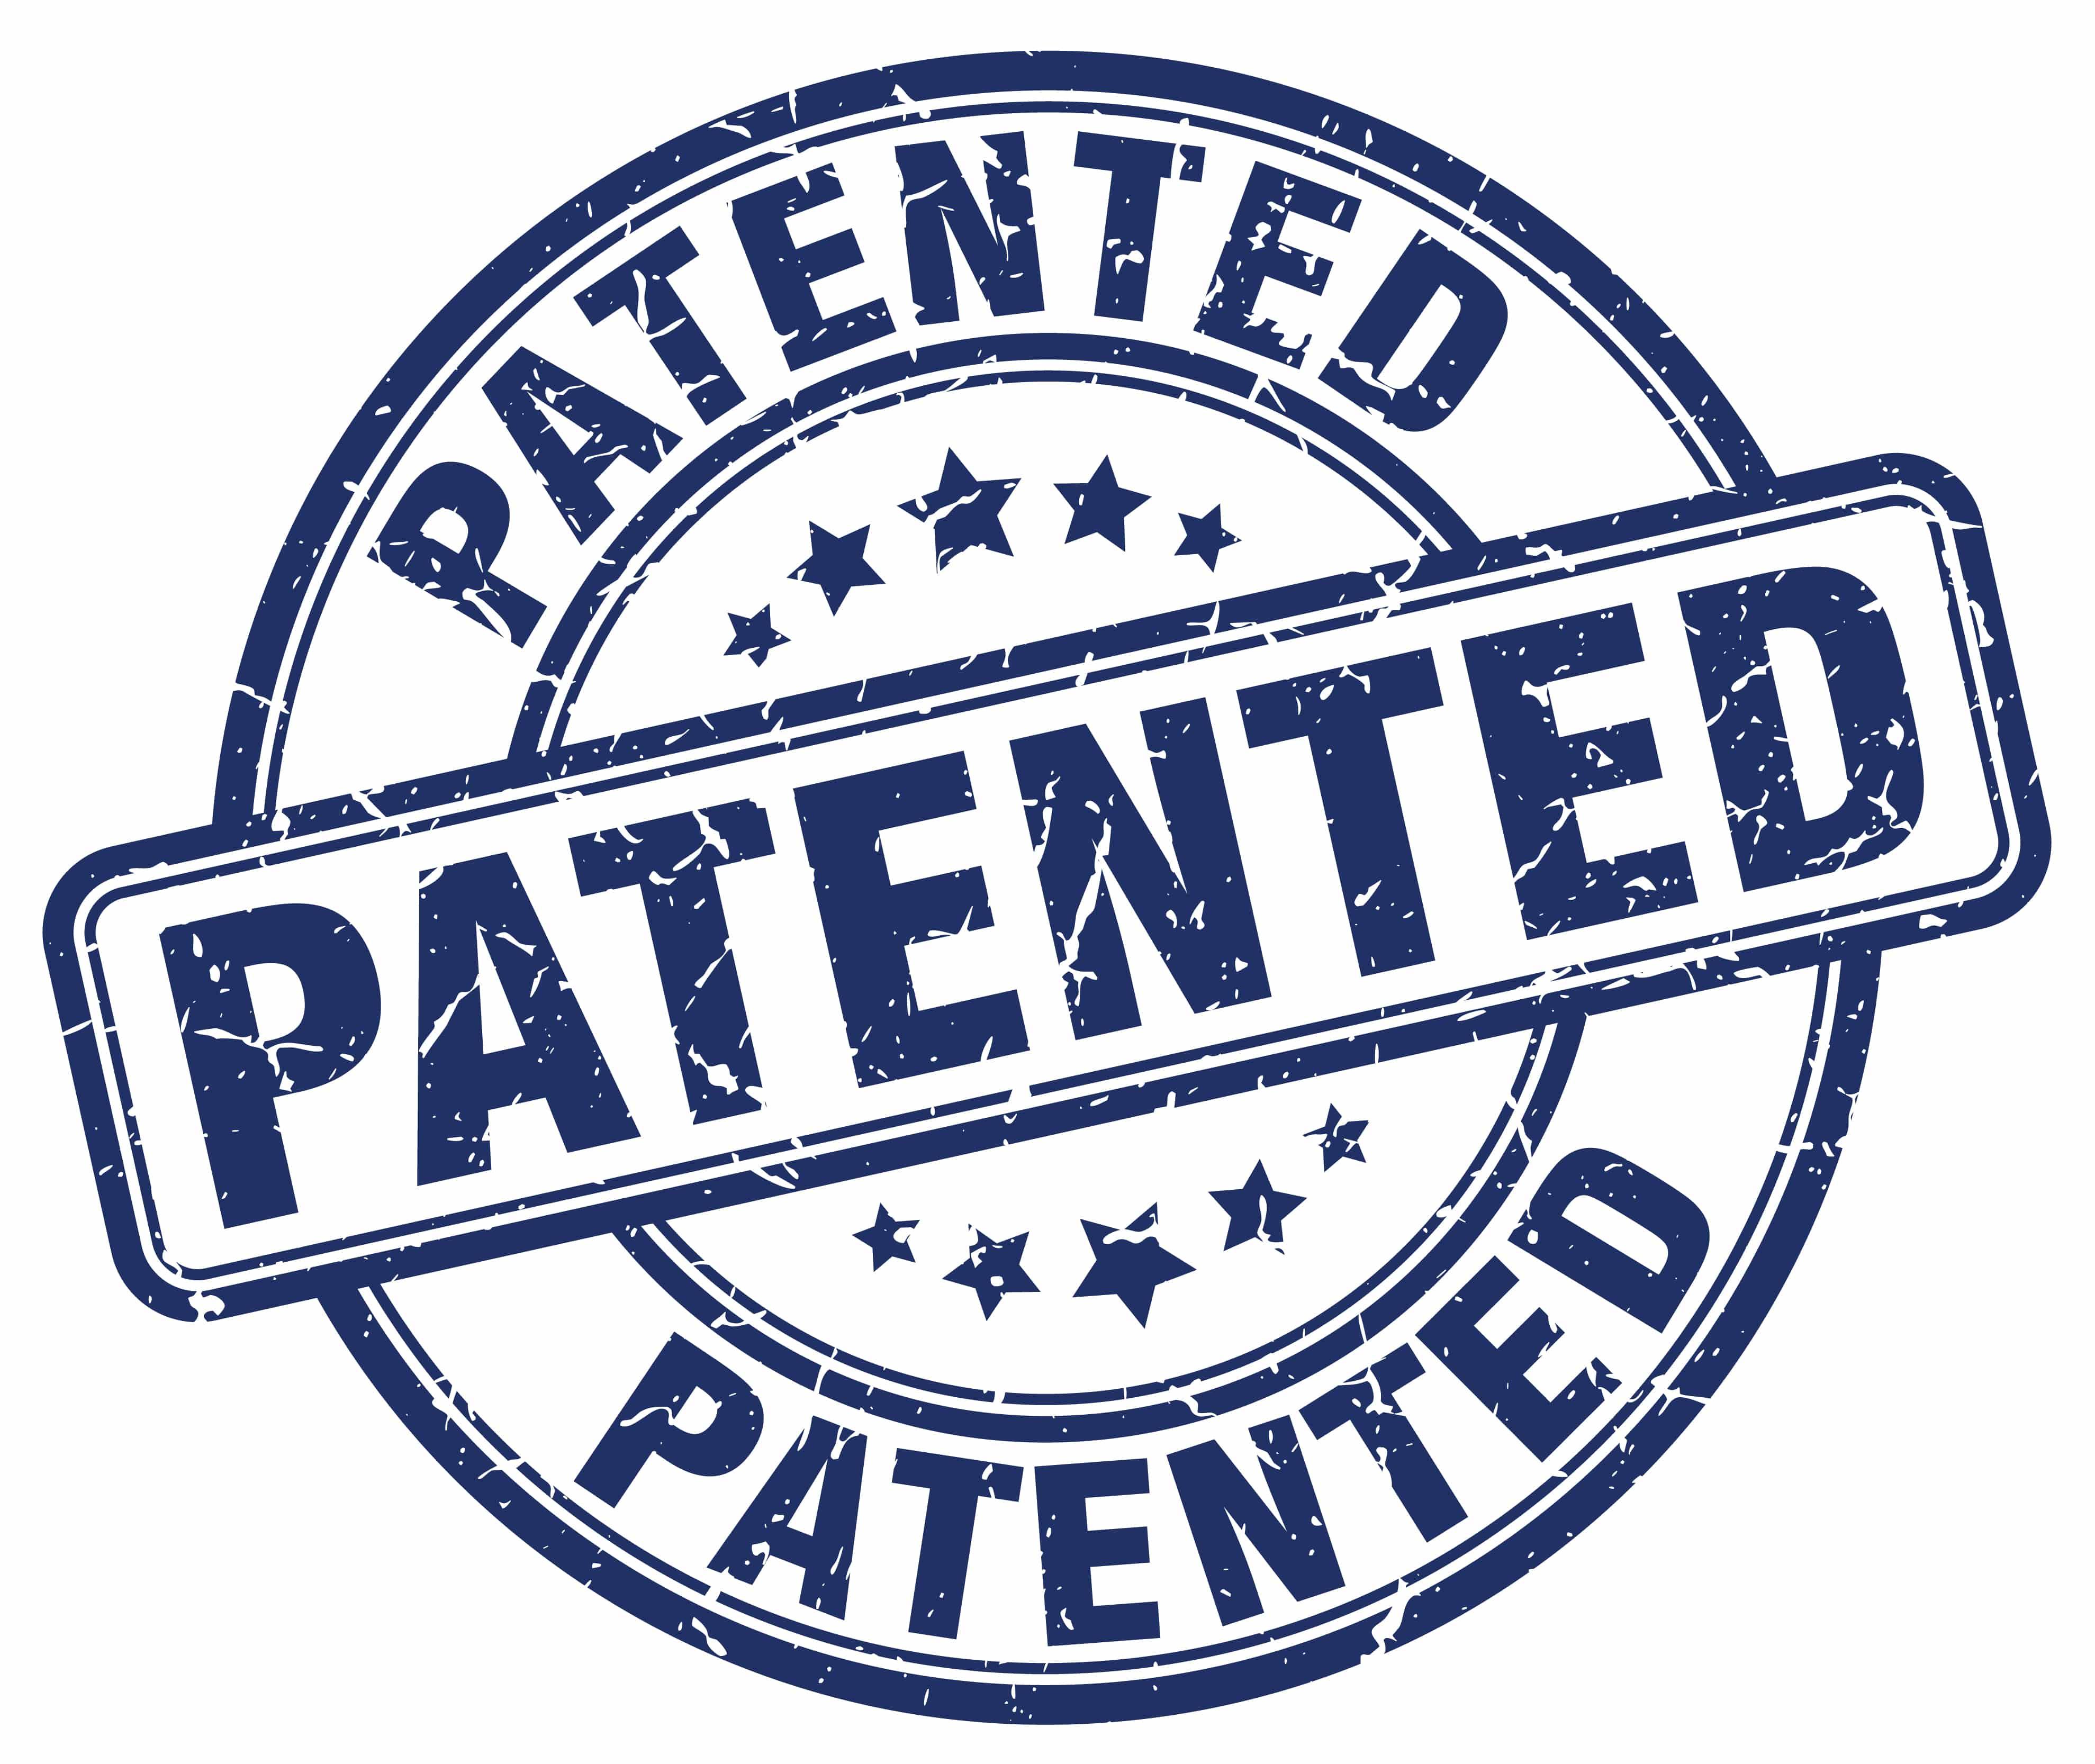 Kas yra Patentas?